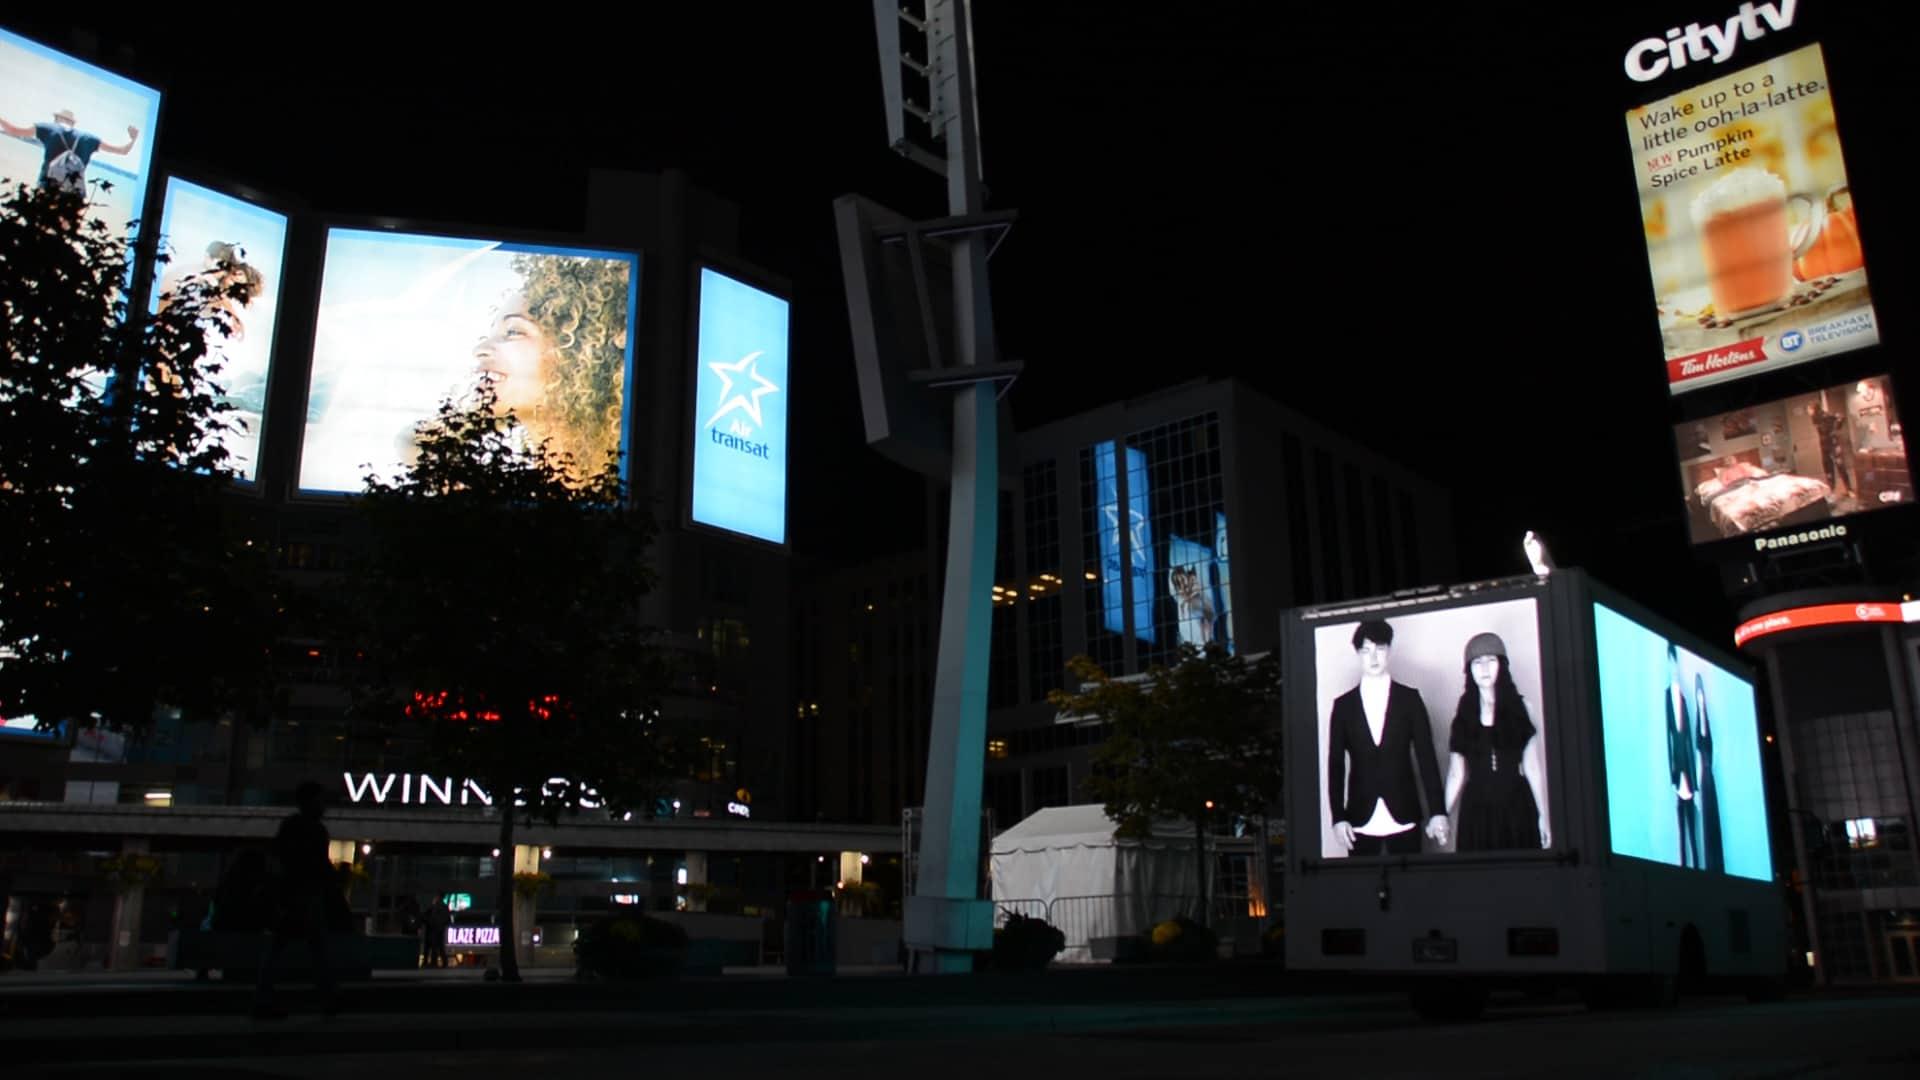 Video Display ad Trucks